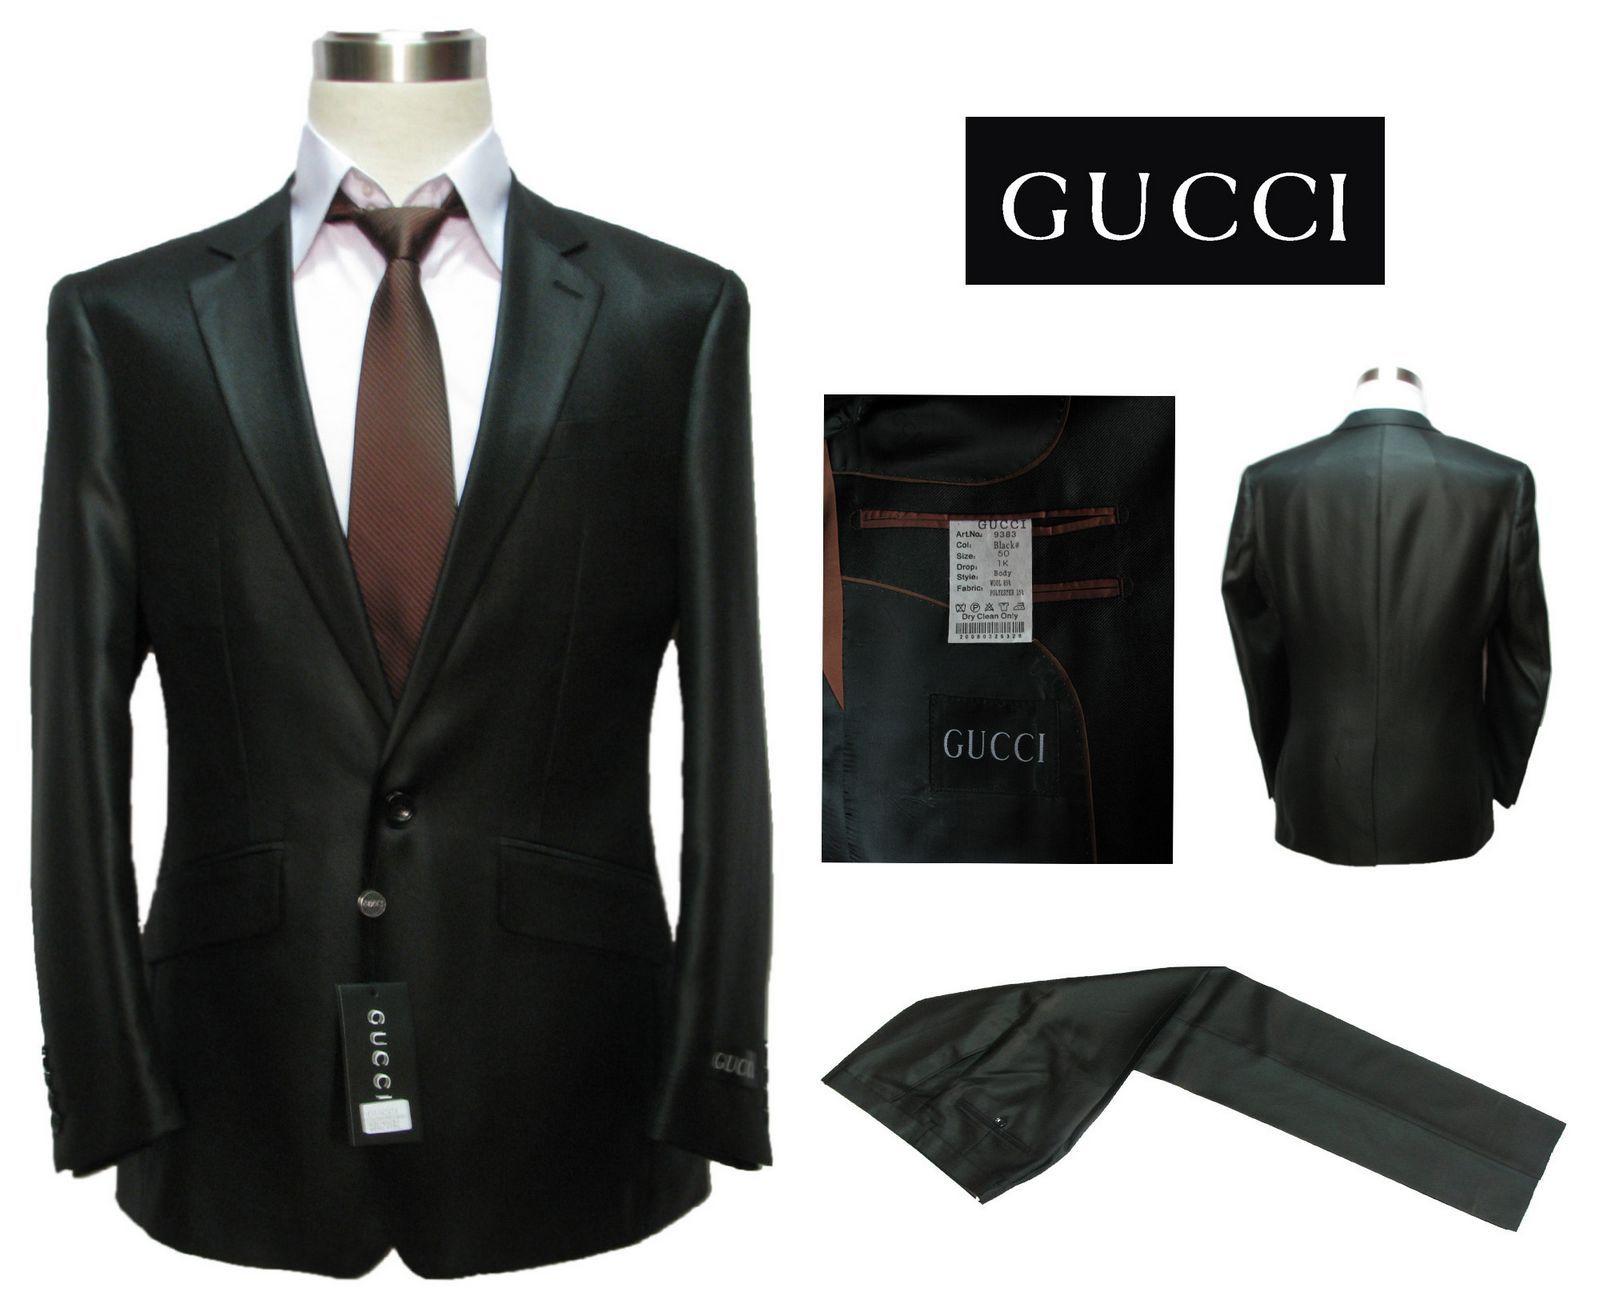 Gucci Suit | Suits | Pinterest | Gucci and Suits